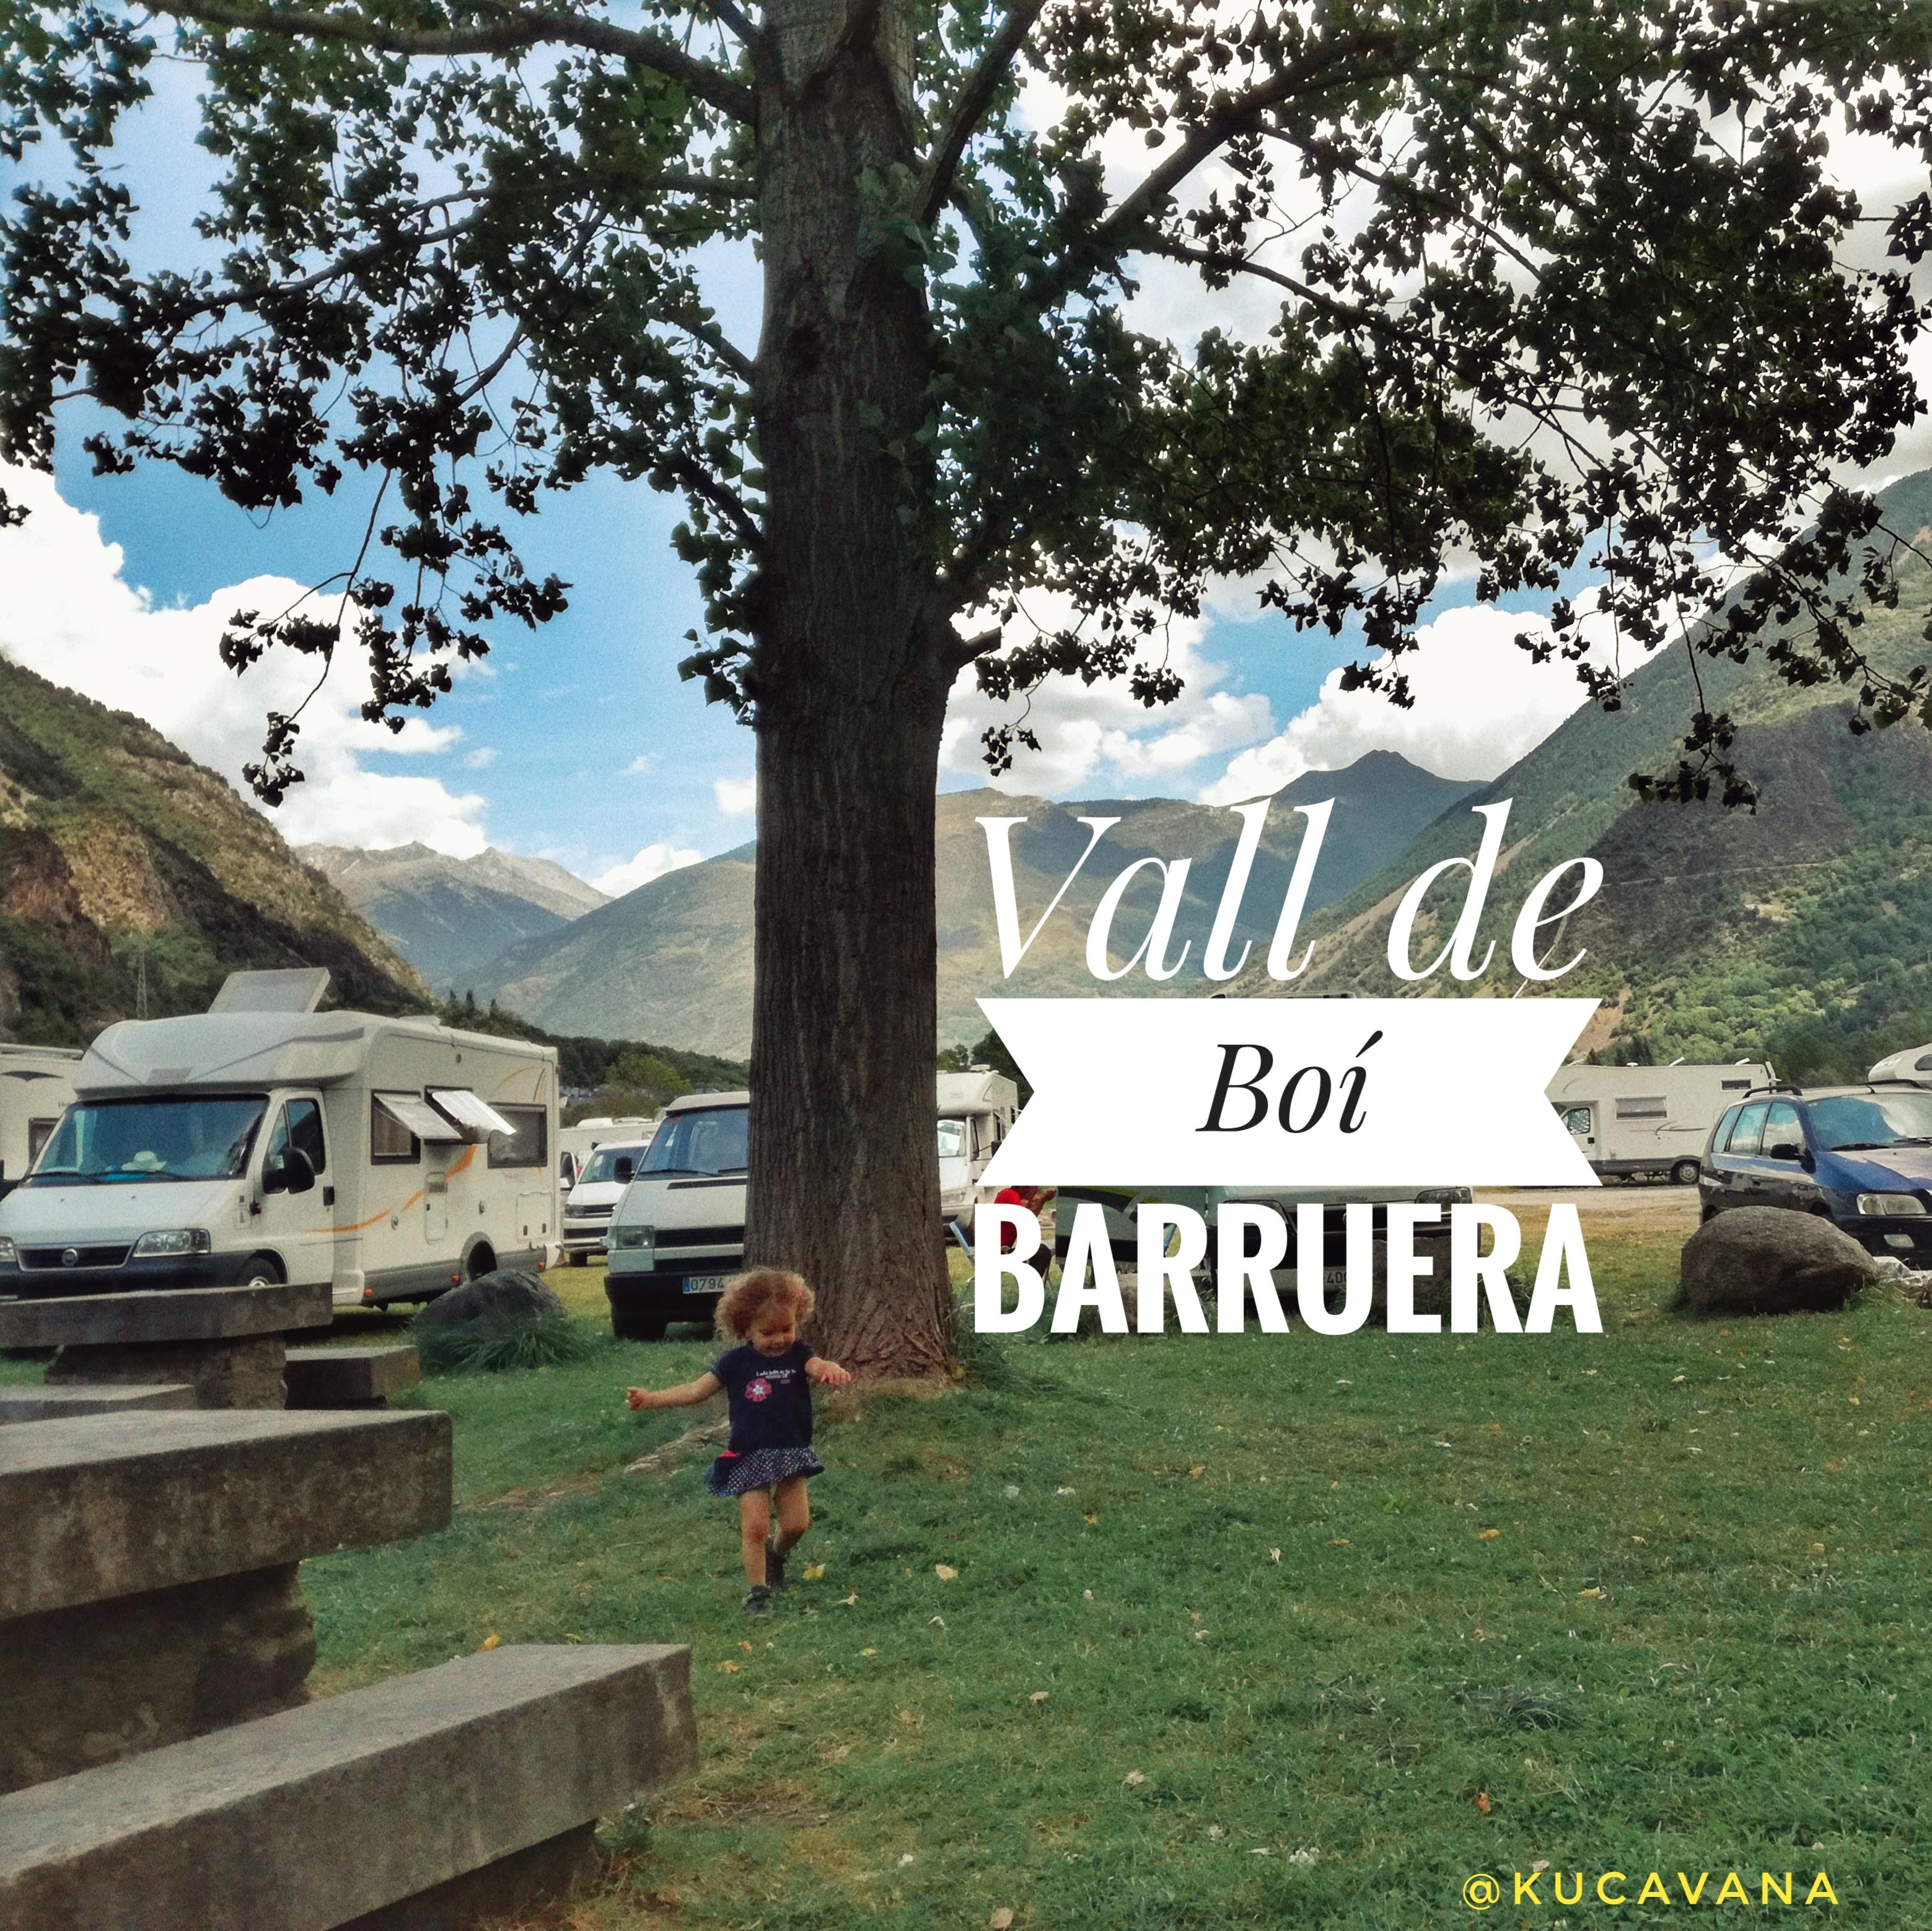 Route à travers la Vall de Boí et le grand camping-car de Barruera